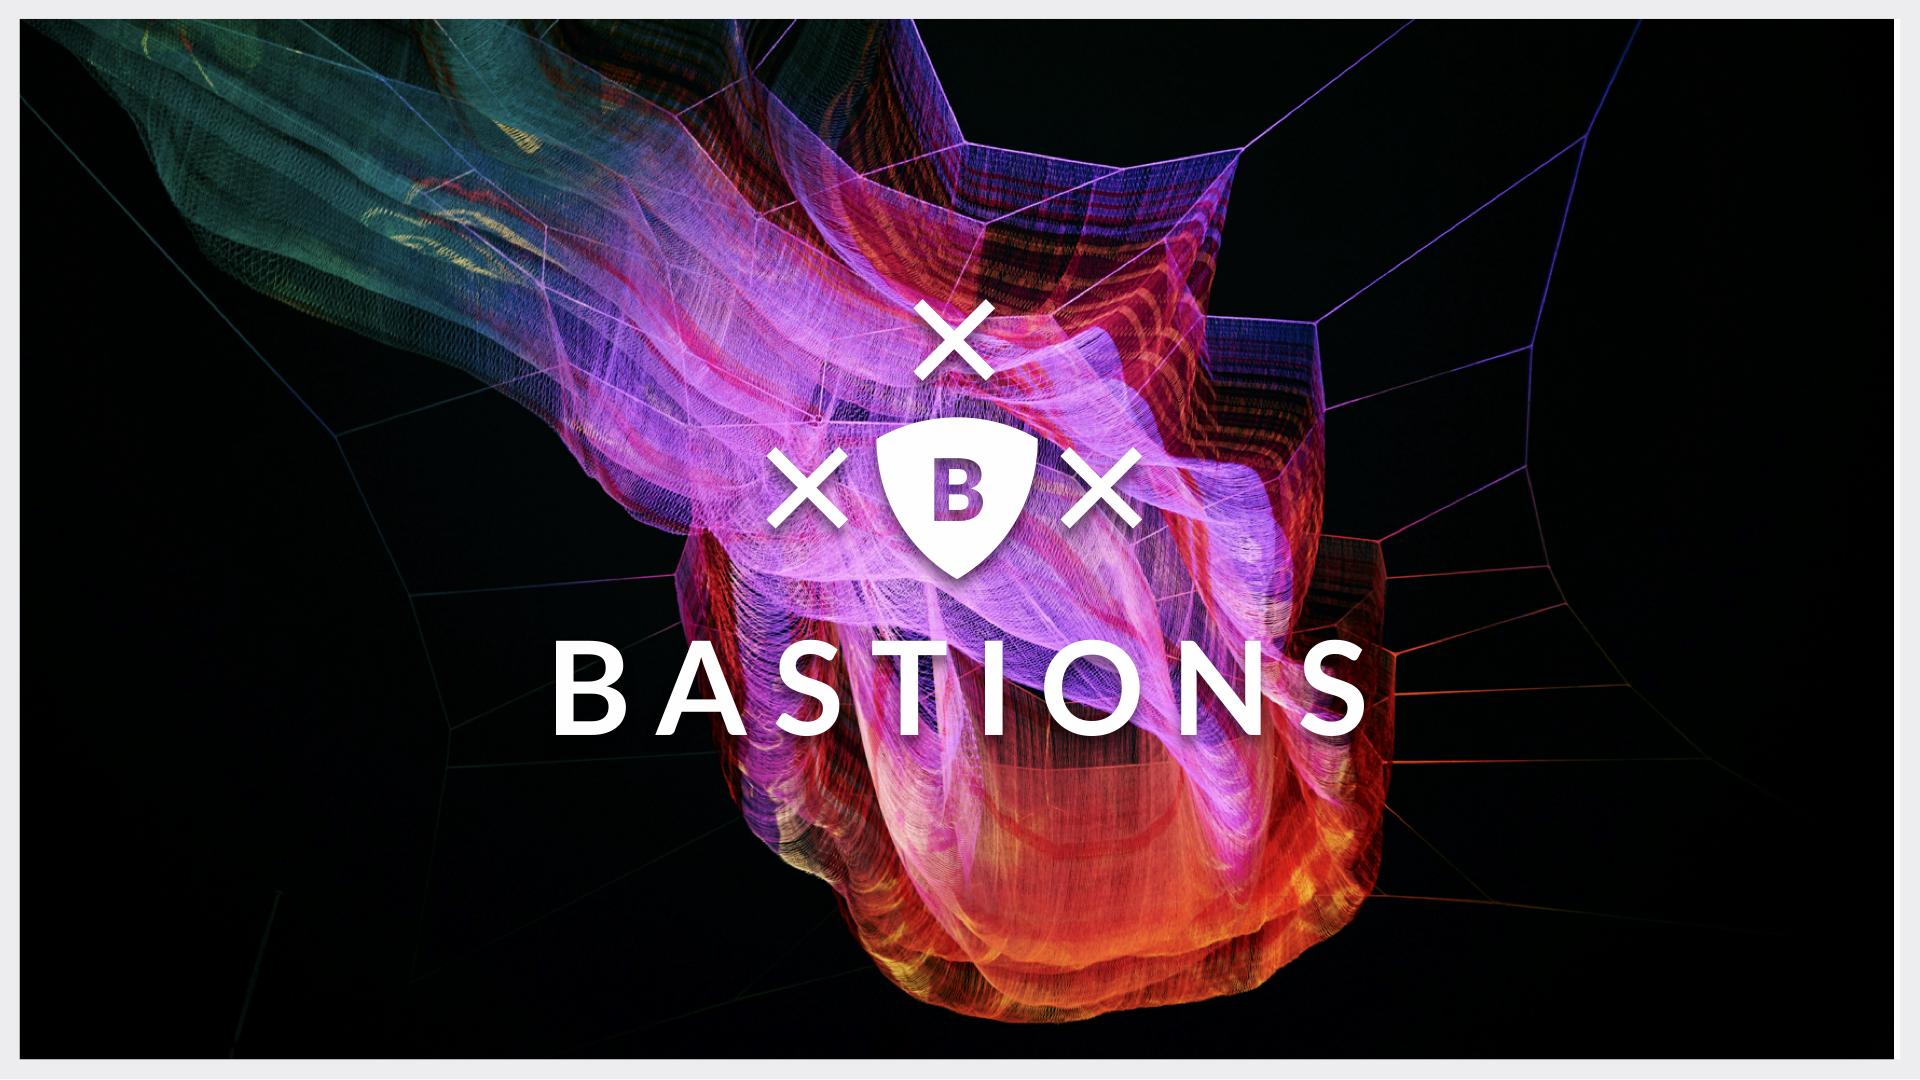 Pitch Bastions - V6.001.jpeg